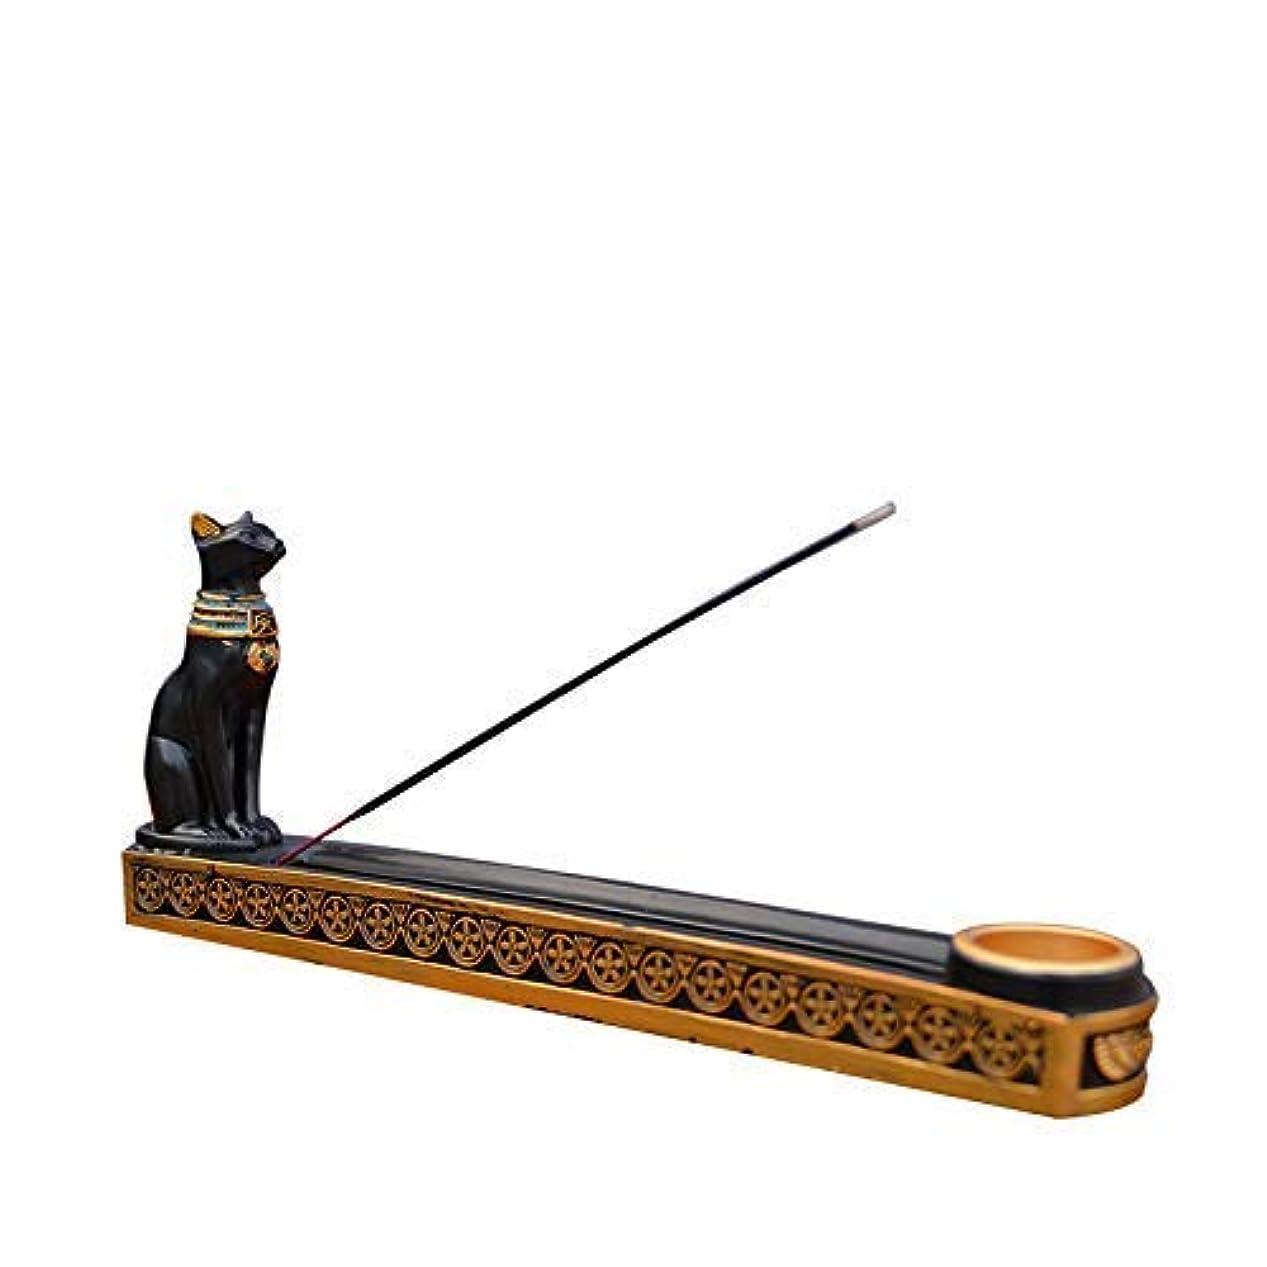 やむを得ないスコットランド人傾くtonntyann 横置き お香立て ボックス 猫 寝かせ スティックおしゃれ 線香立て お香 古代エジプト風 バステト神 アロマ お香 横置き ヒエログリフ ネ